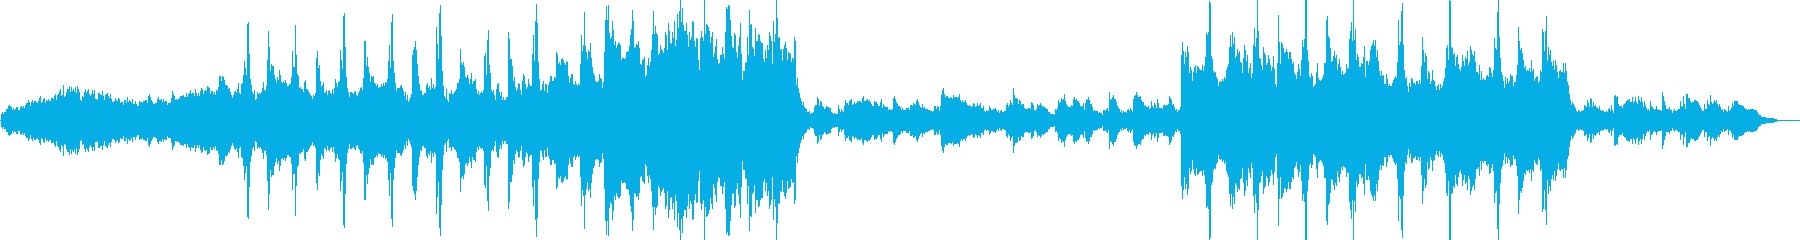 勇ましさを感じるオーケストラBGMの再生済みの波形